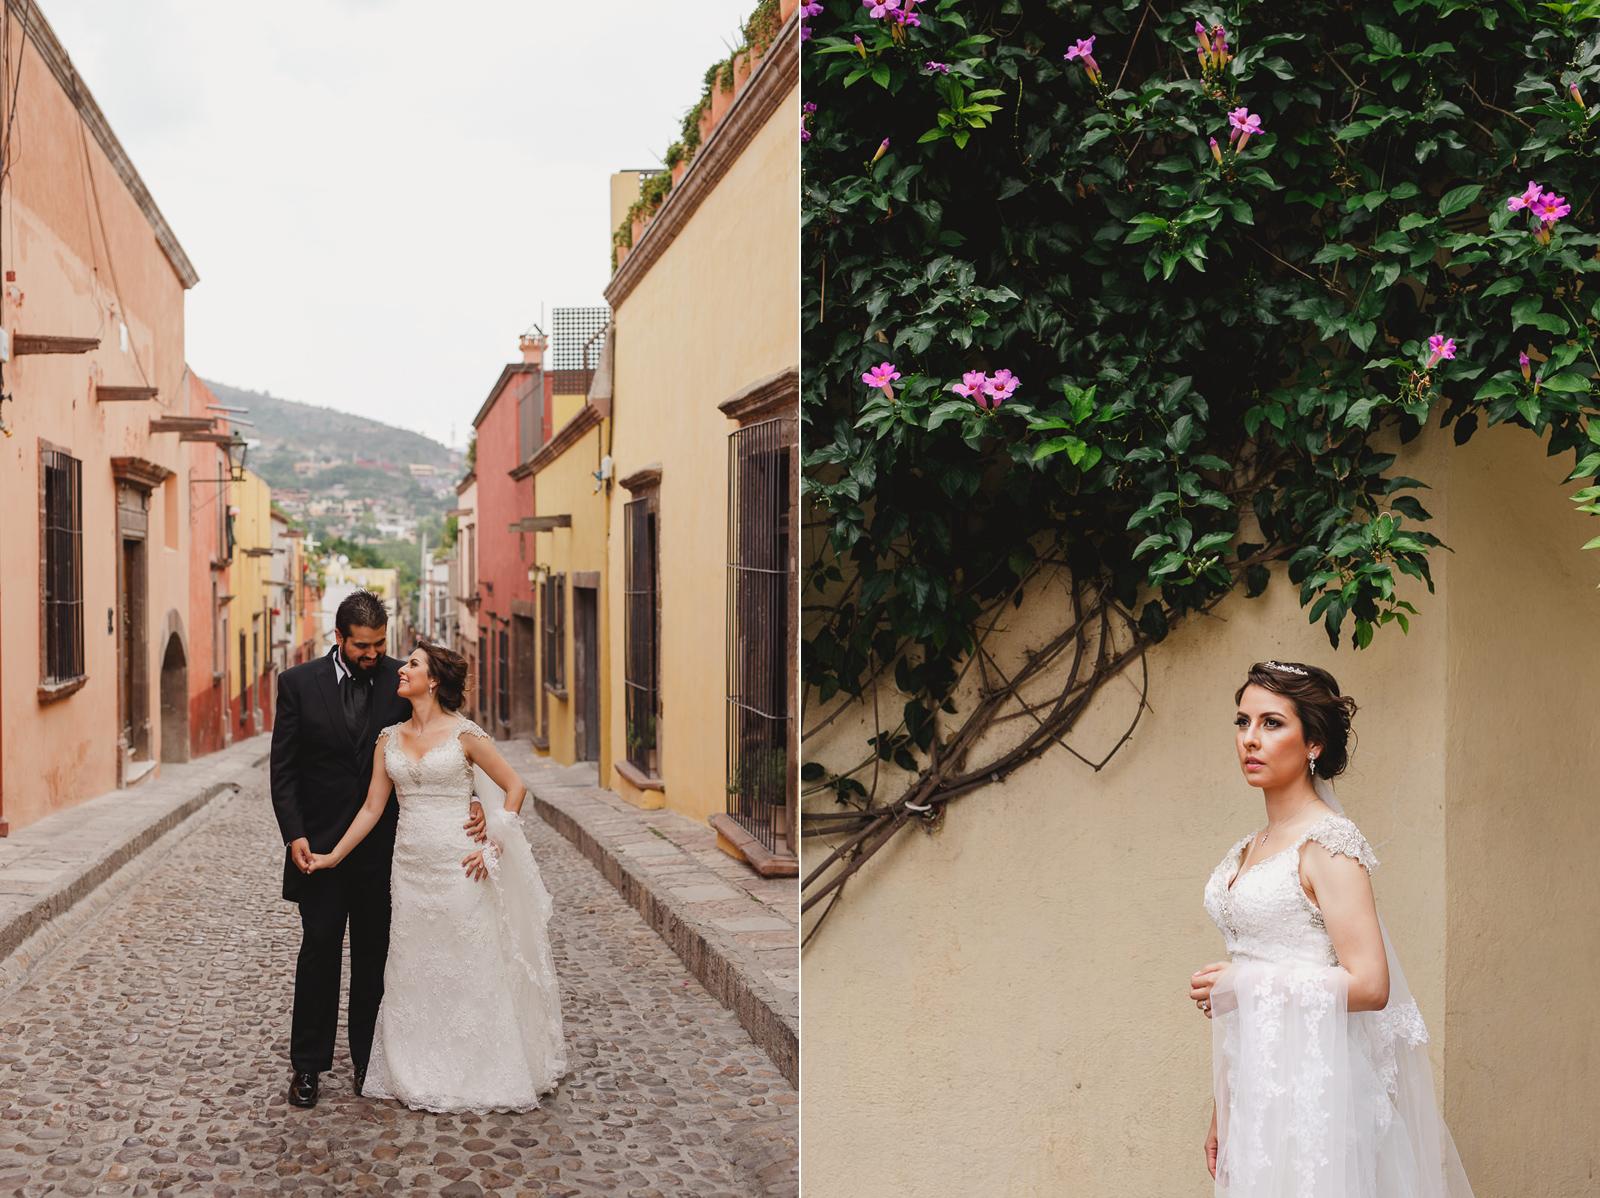 fotografo-de-bodas-san-miguel-de-allende-019